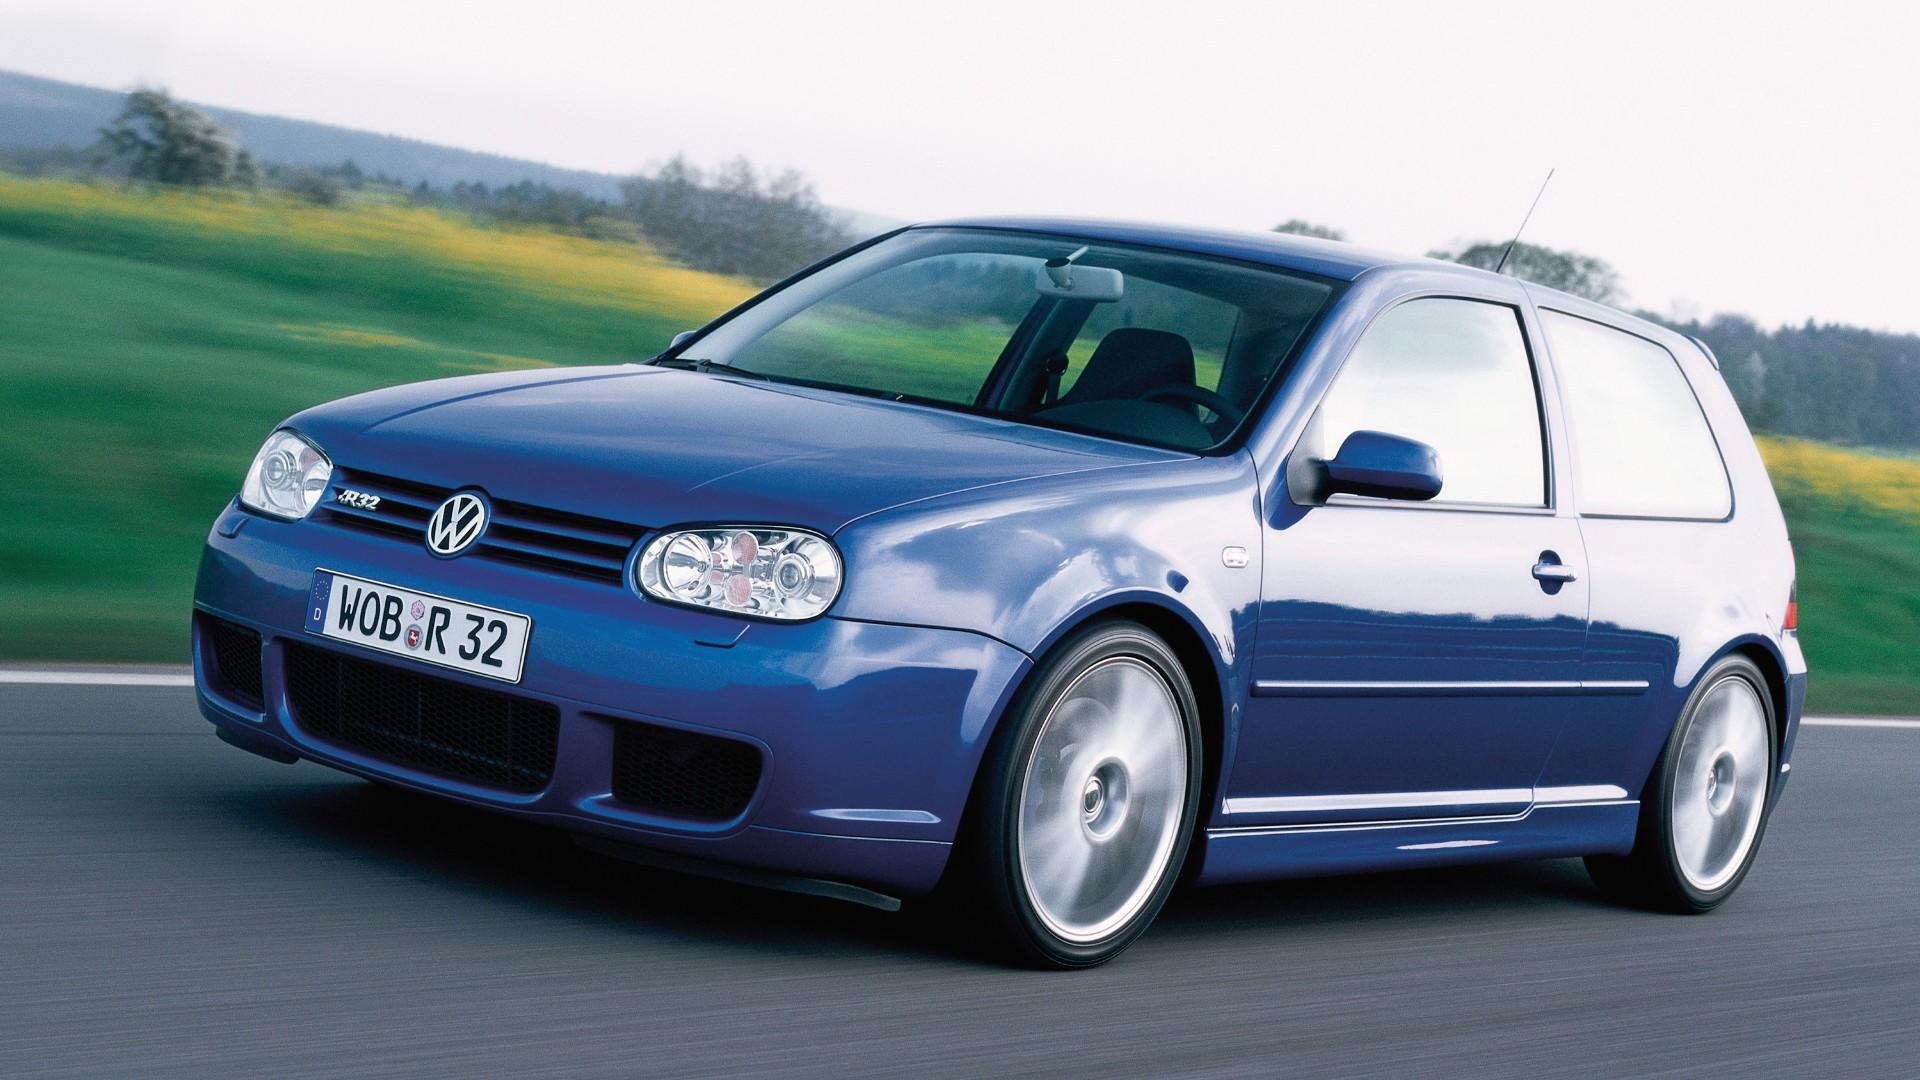 Volkswagen servicing